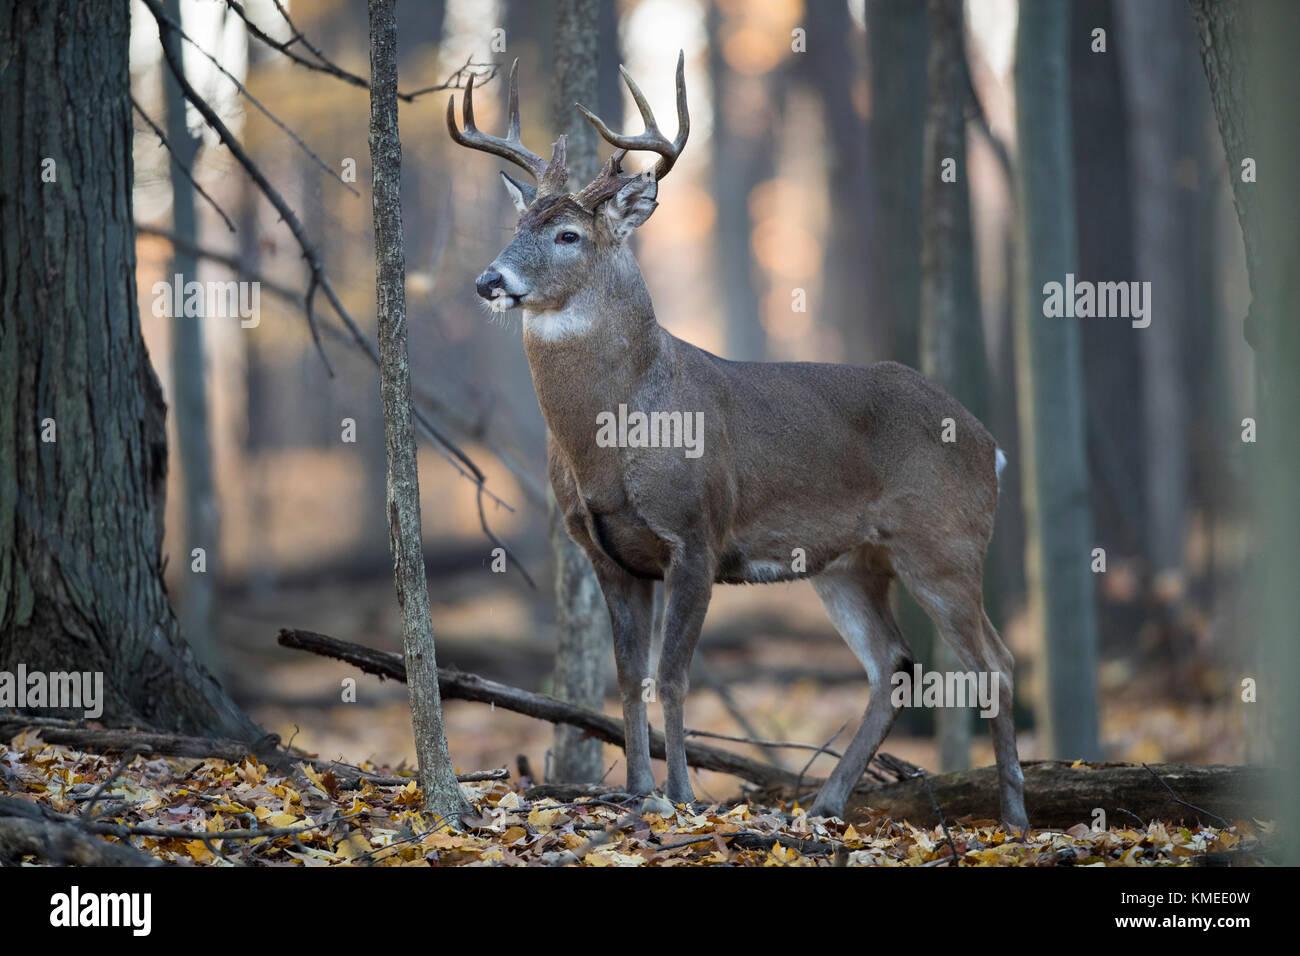 Una matura buck culbianco cervi in piedi molto attenta nella foresta. Immagini Stock